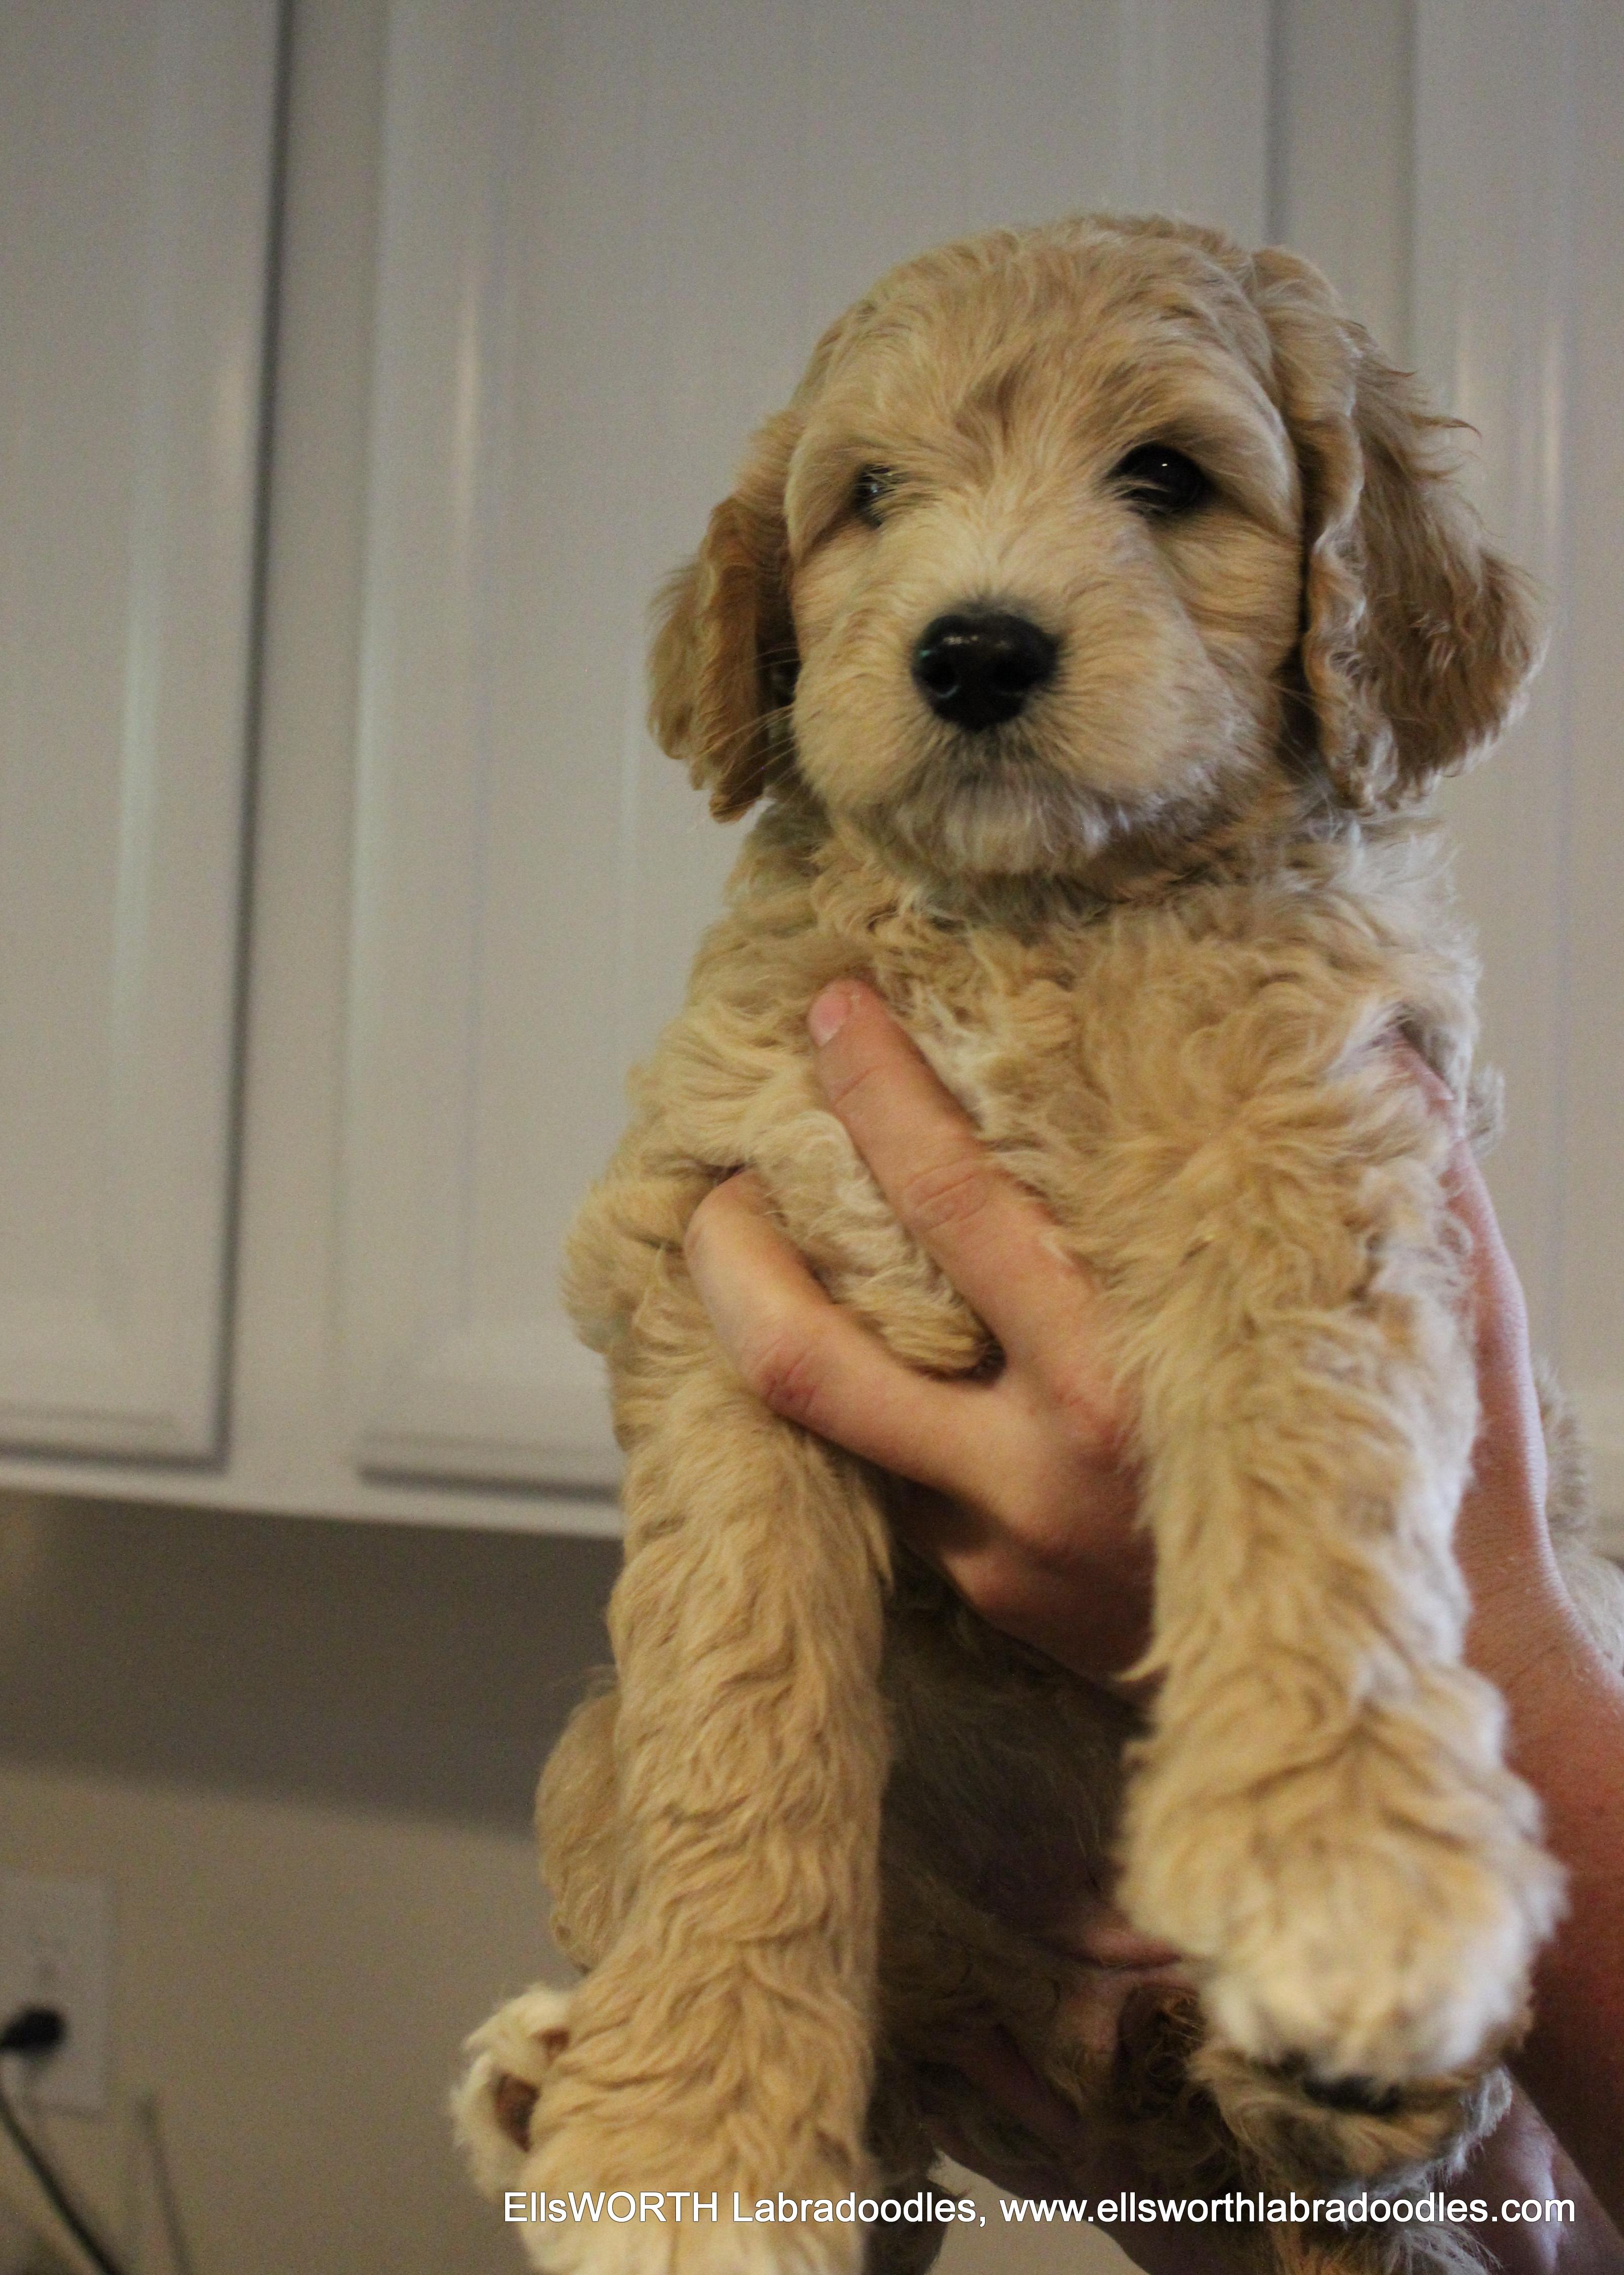 7 weeks old weighs 9.4 lbs